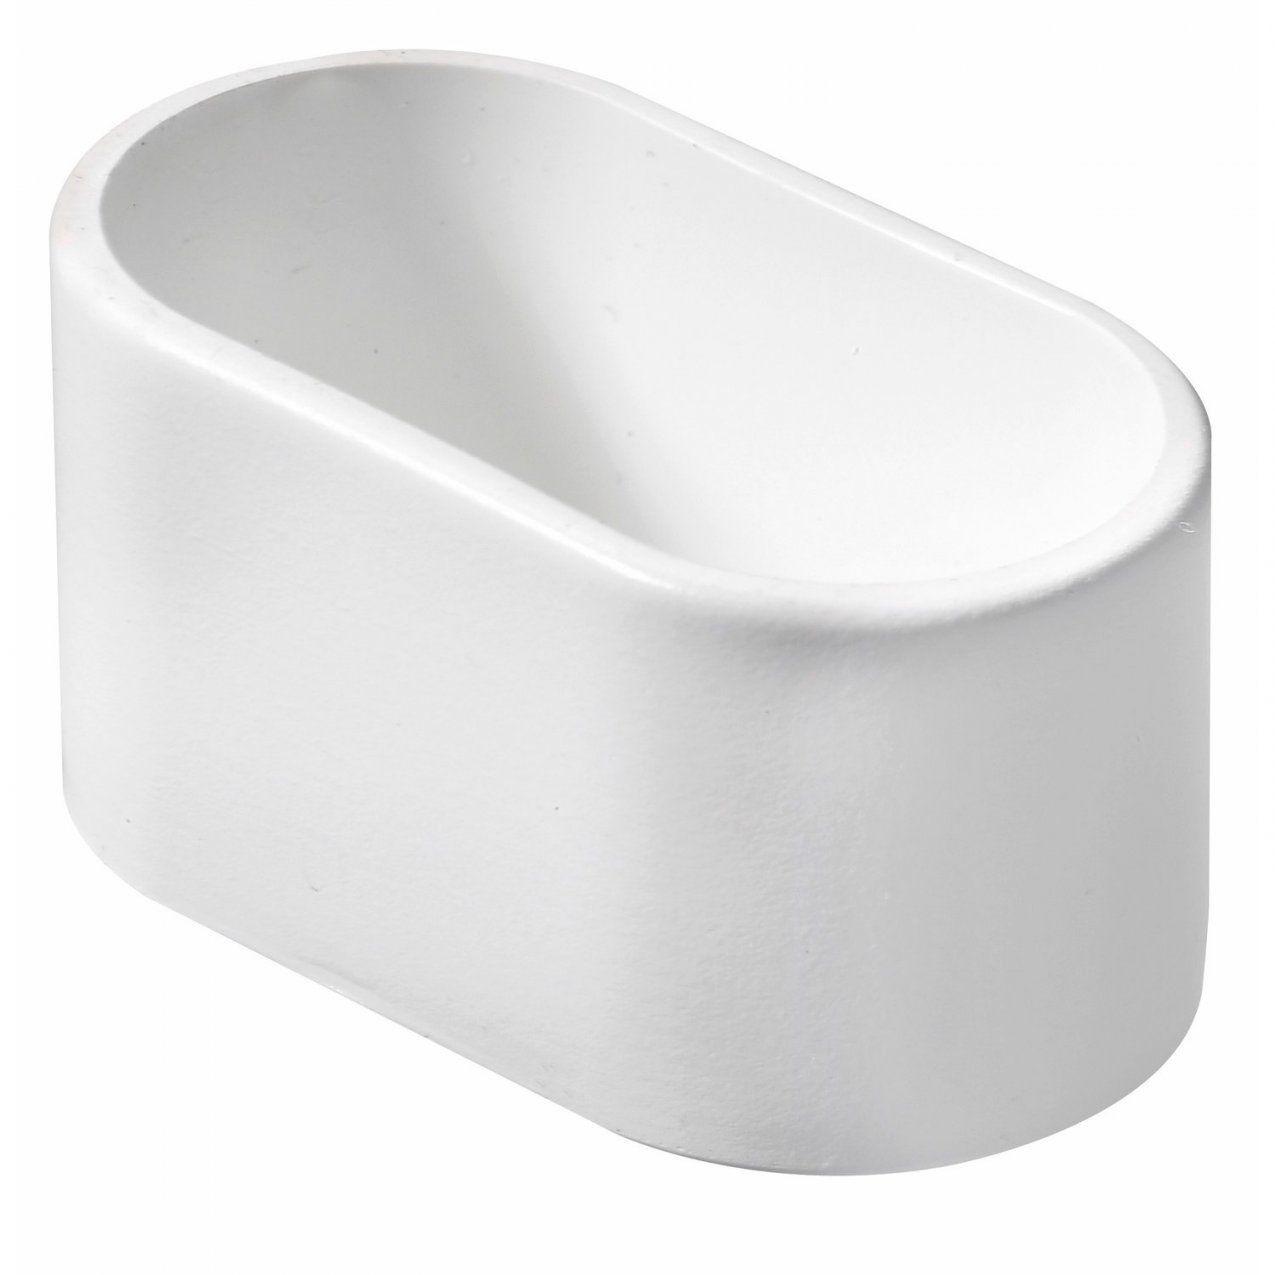 Hettich Fußkappe Für Ovale Rohre 38 Mm X 20 Mm Weiß Kaufen Bei Obi von Fusskappen Oval Für Gartenstühle Photo